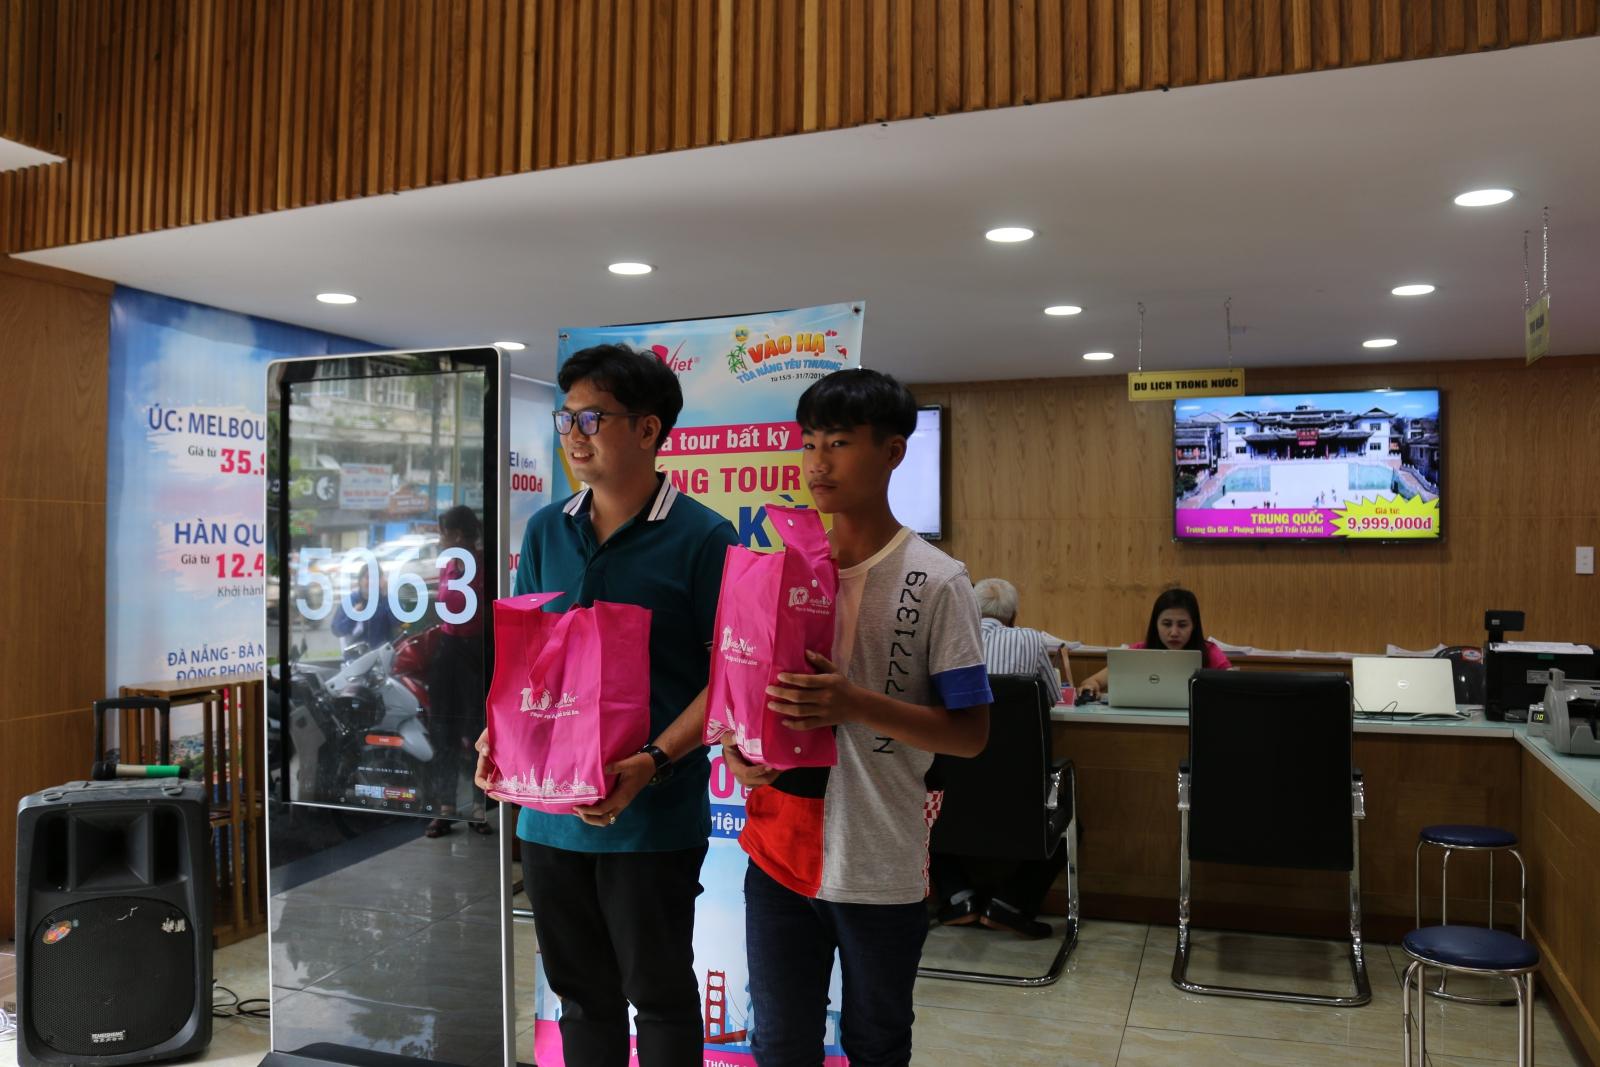 Đã tìm ra vị khách thứ 4 trúng tour Hoa Kỳ của Du Lịch Việt